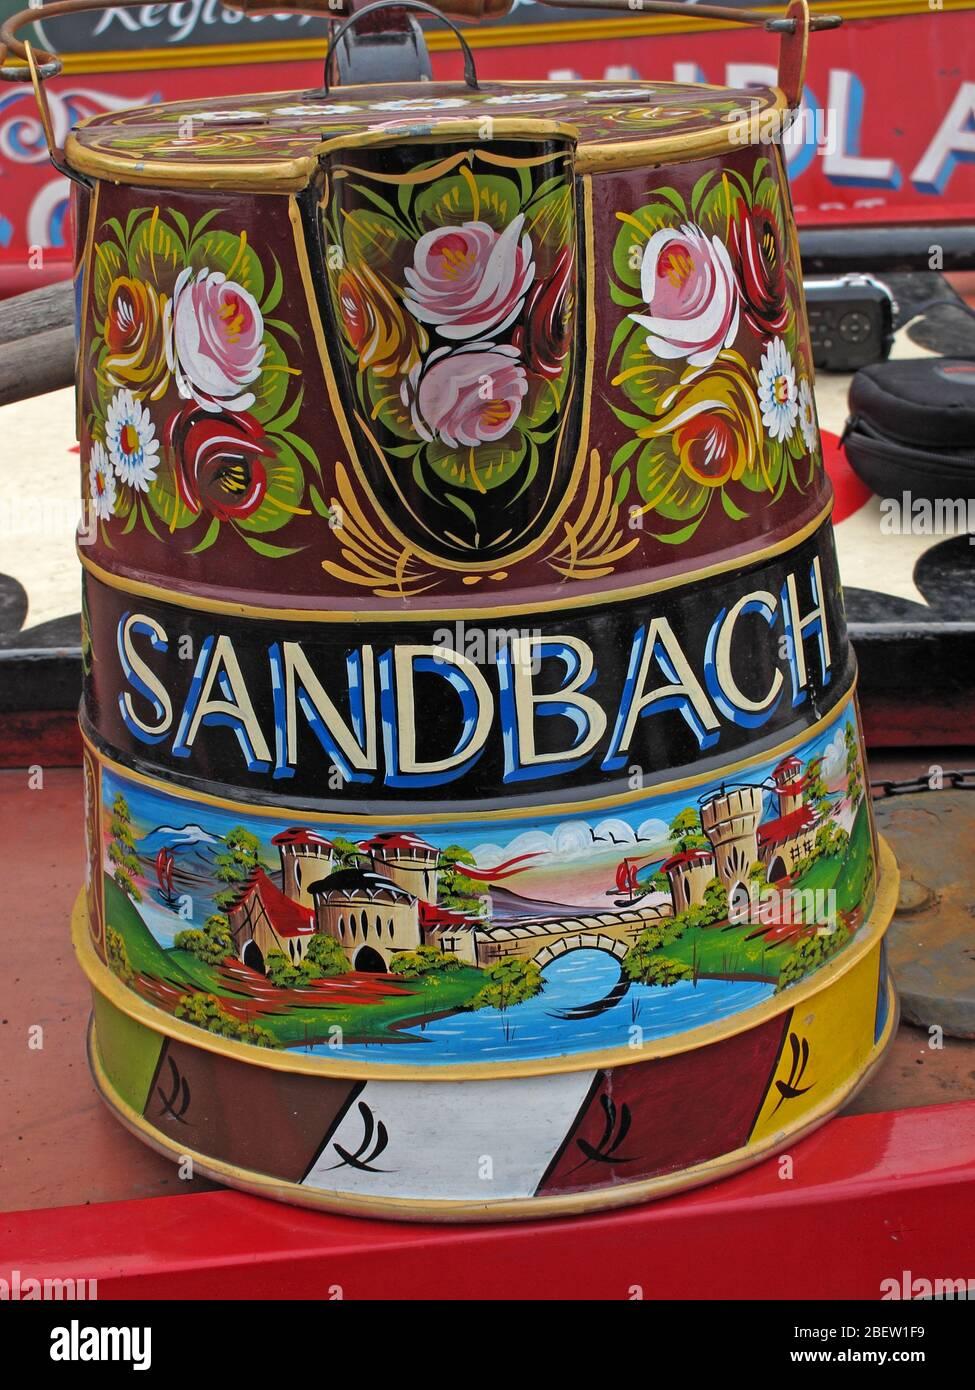 Dieses Stockfoto: Kanal Wasserstraßen Eimer in Farbe gewidmet Sandbach, Cheshire, England, Großbritannien dekoriert - 2BEW1F